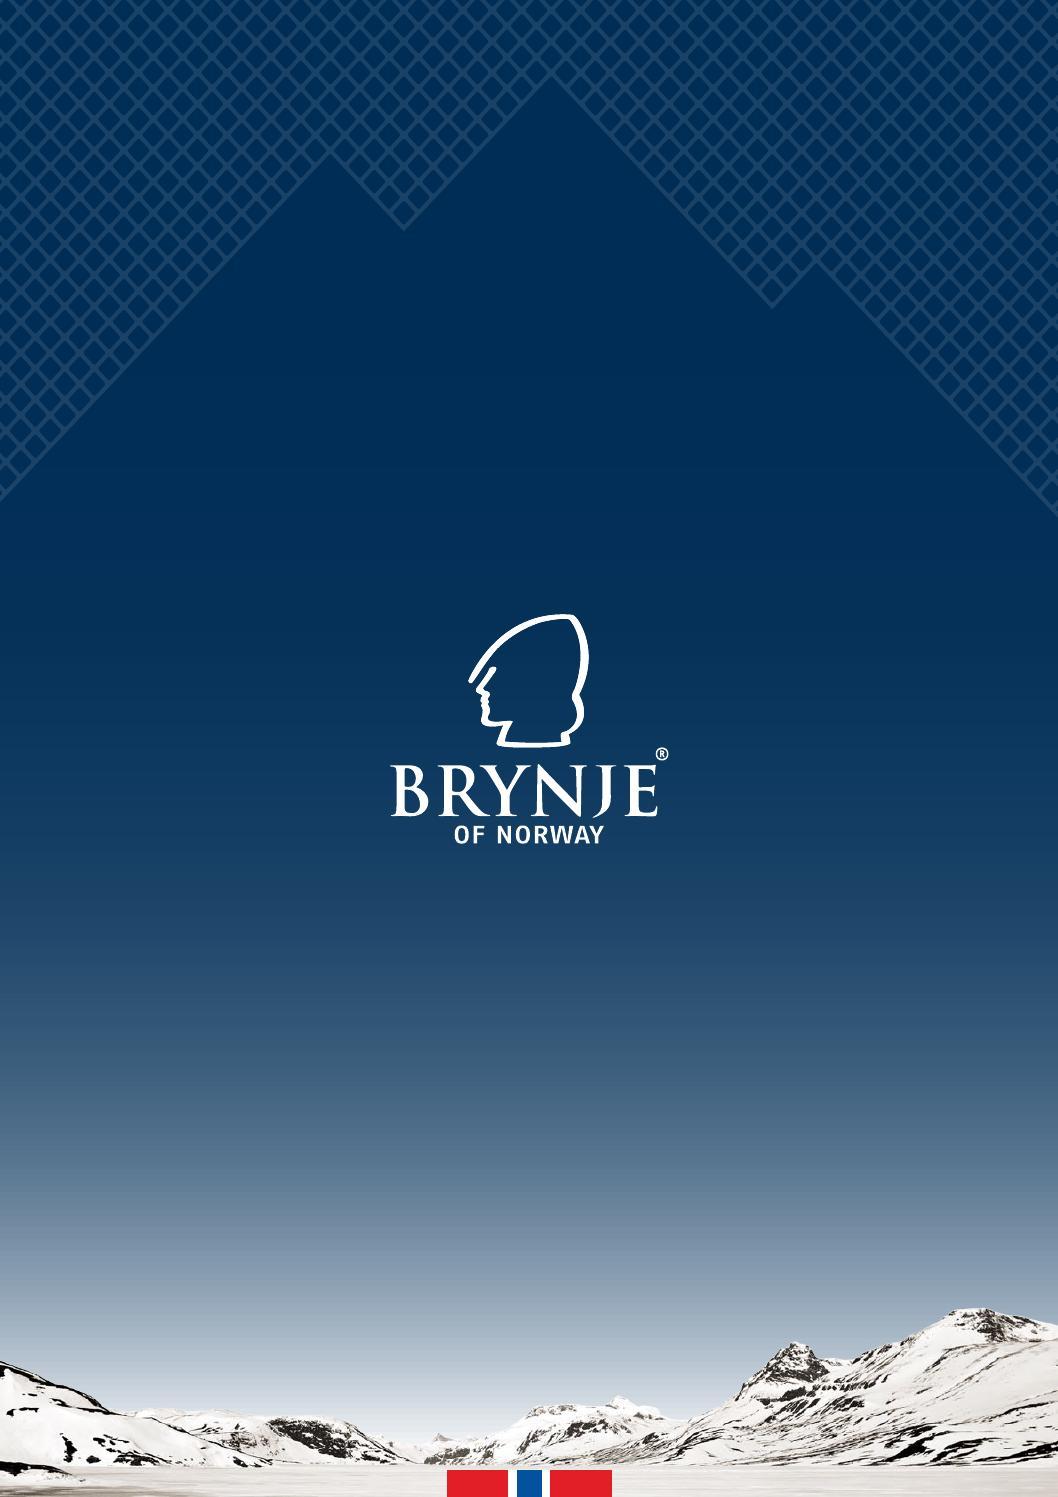 Brynje katalog 2016 17 by Norge.cz - issuu 19de75c076